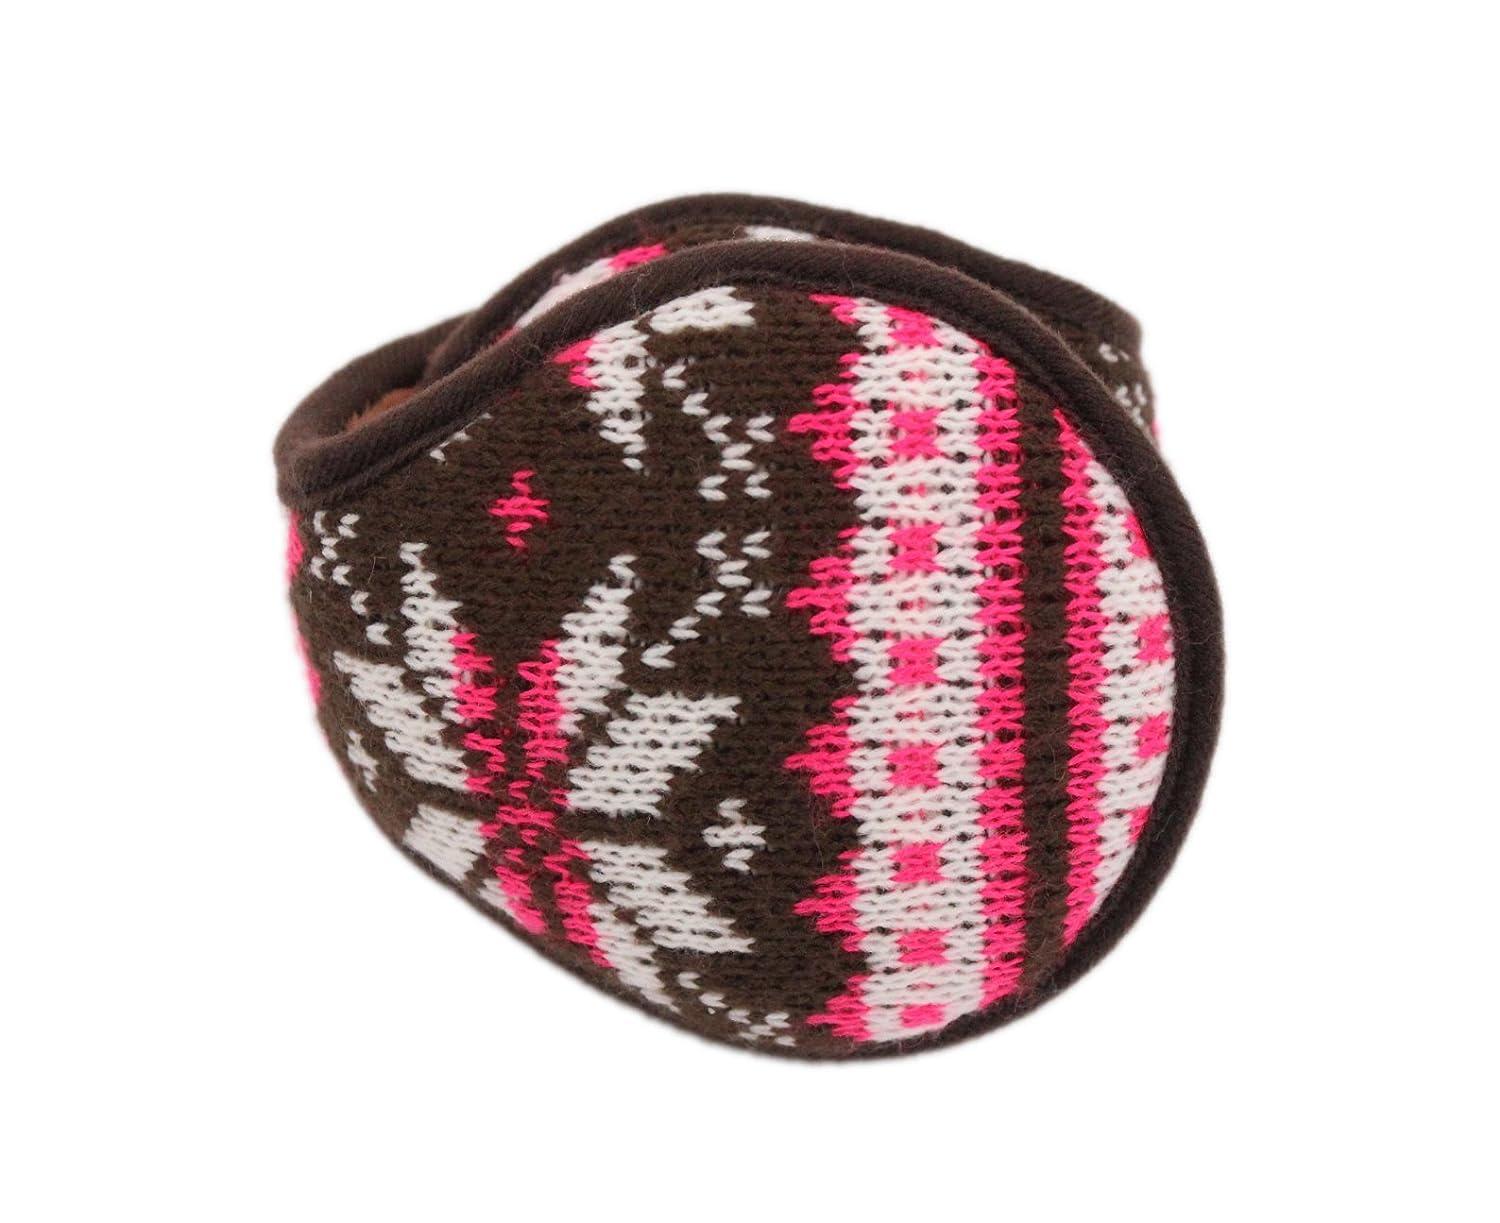 Iuway Unisex Knitted Foldable EarMuffs Fleece Lined Warm Winter Outdoor EarMuffs